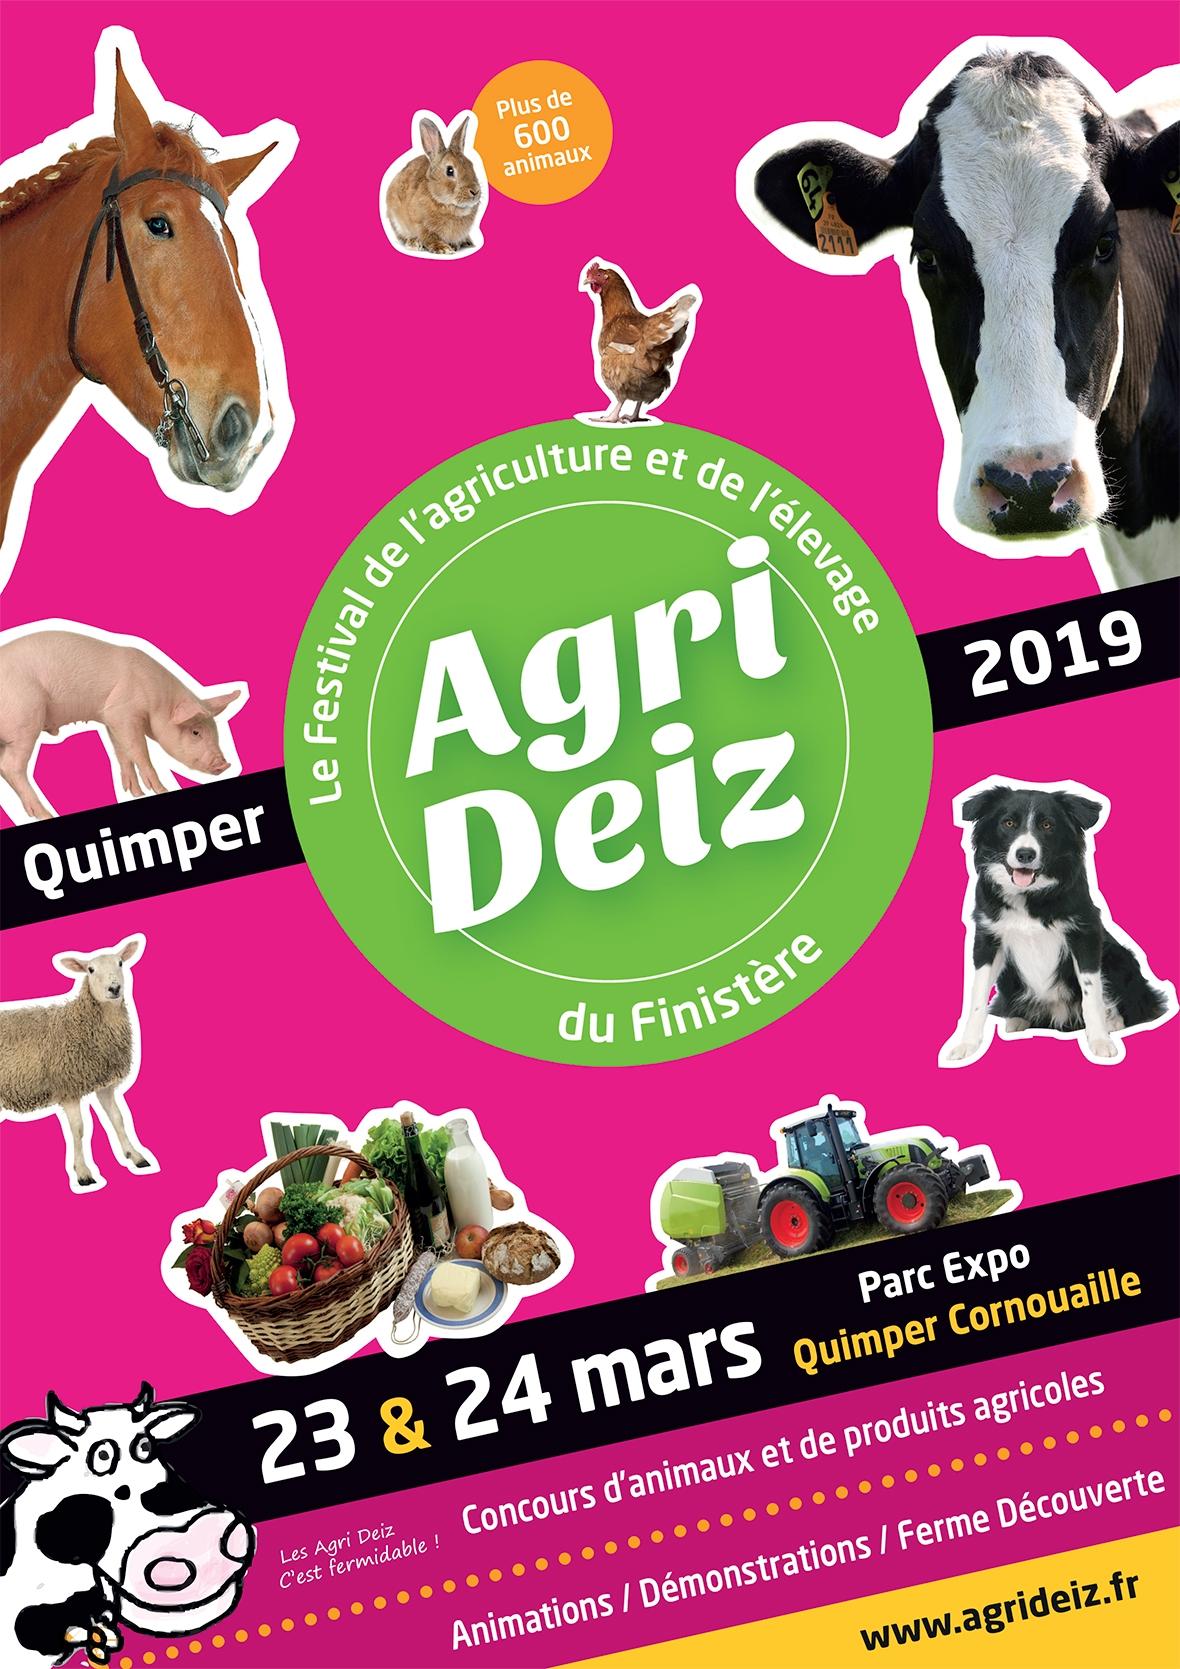 fermier-argoat-salon-quimper-agrideiz-2019